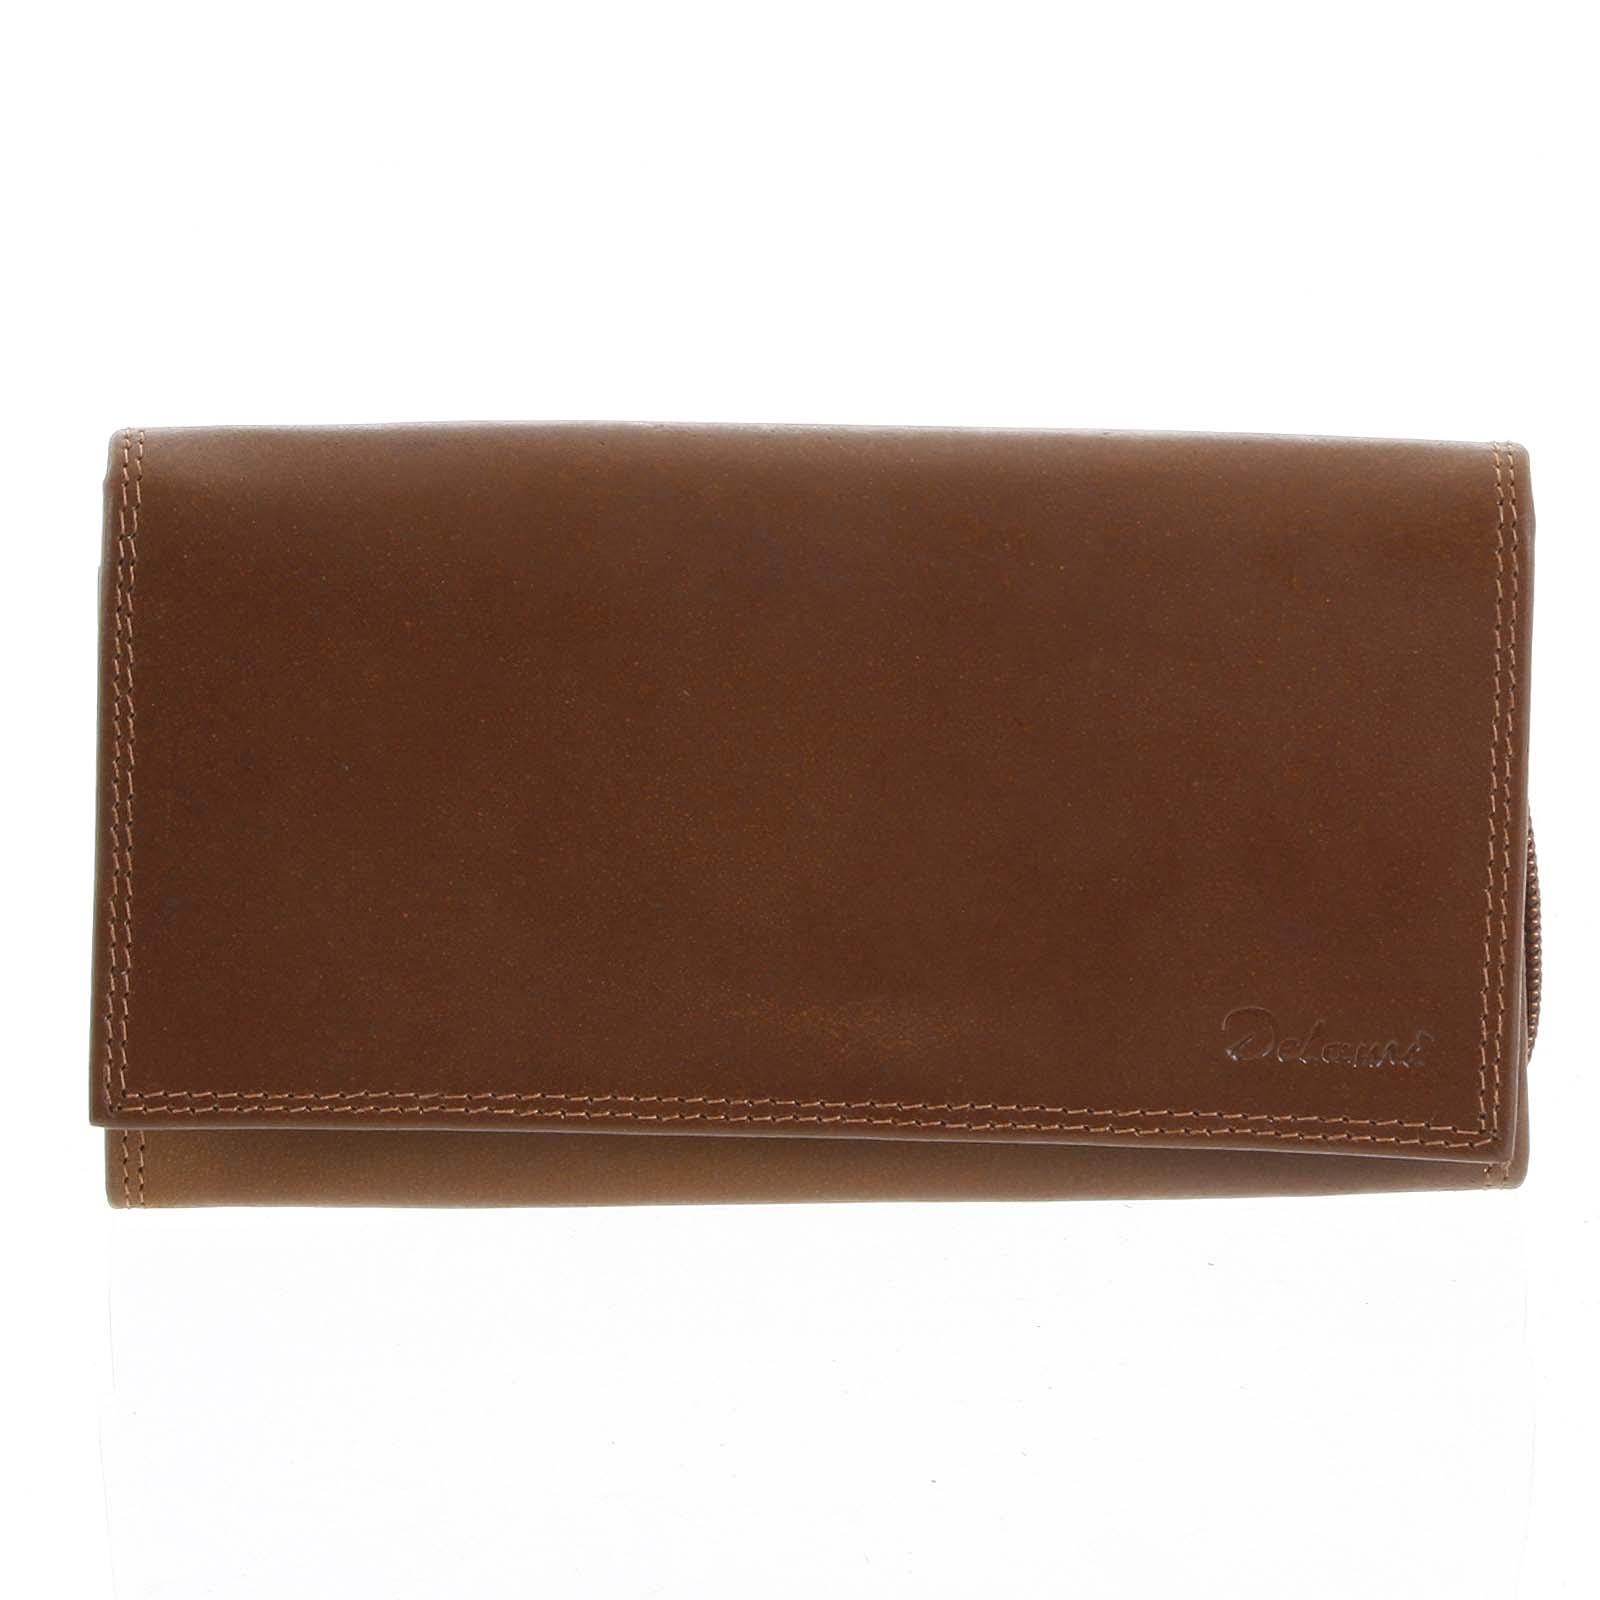 Decentní dámská kožená světle hnědá peněženka - Delami CHAGL03129